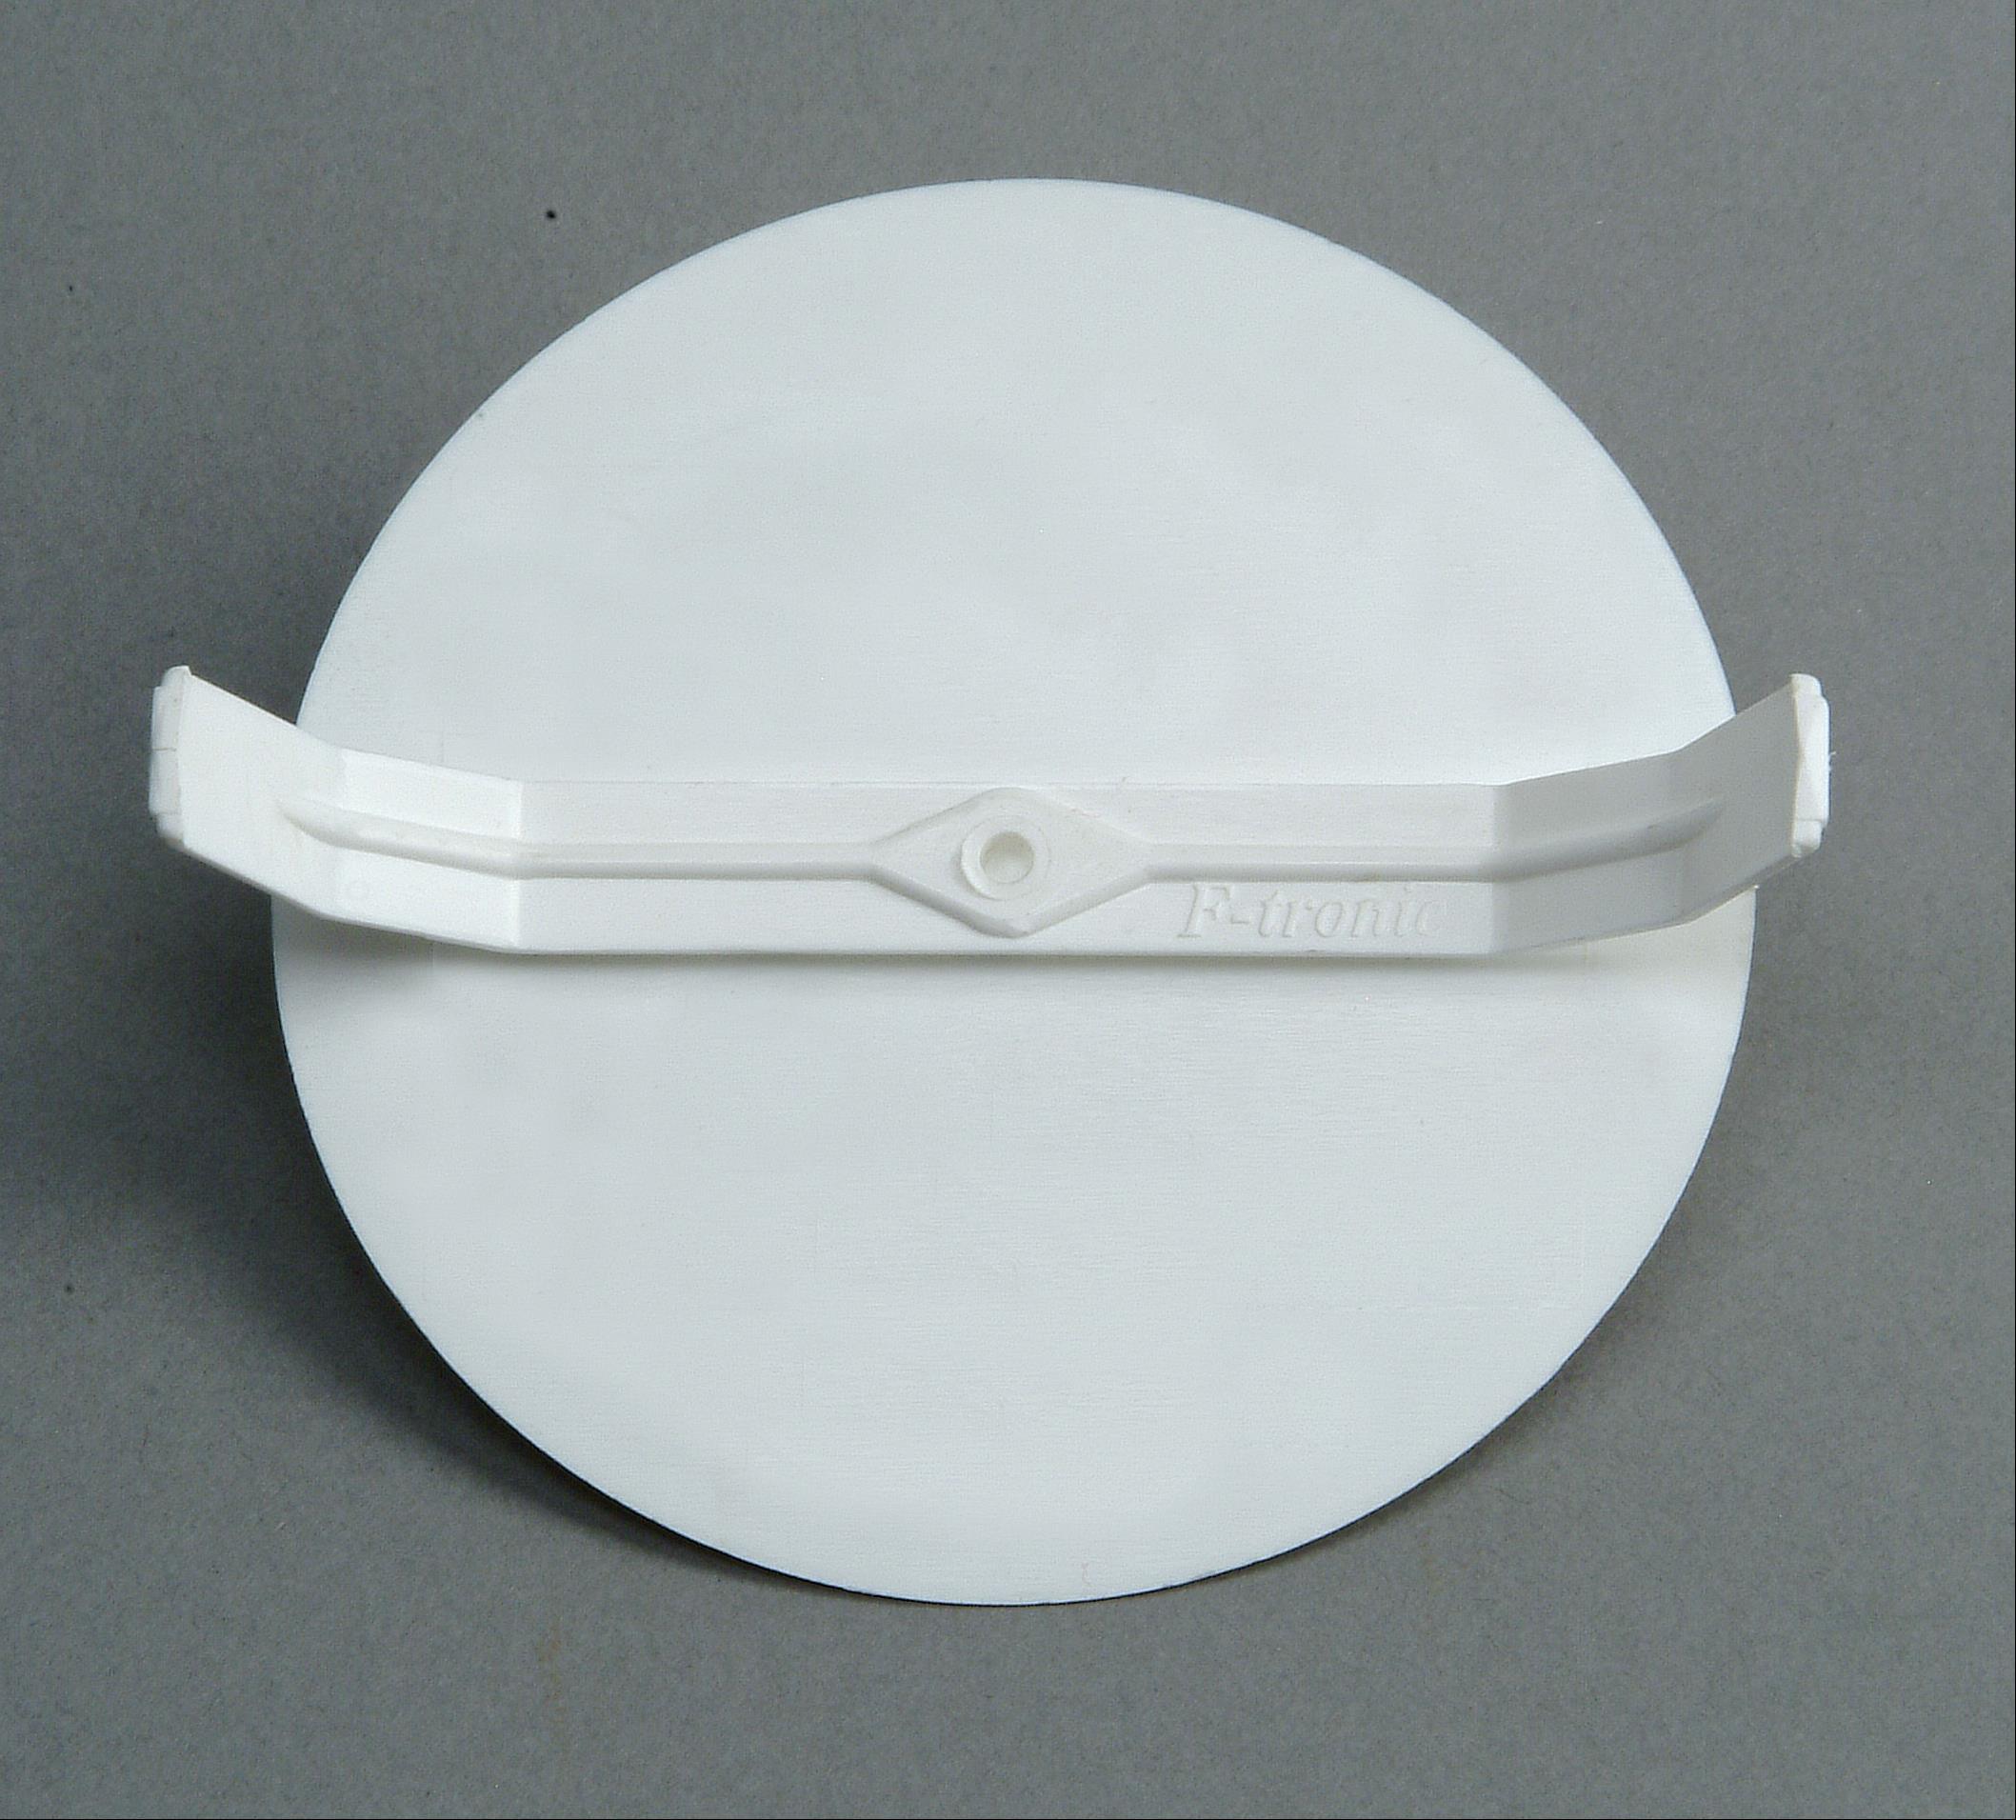 Kopp Federdeckel 70mm für Abzweigdose weiß Bild 1